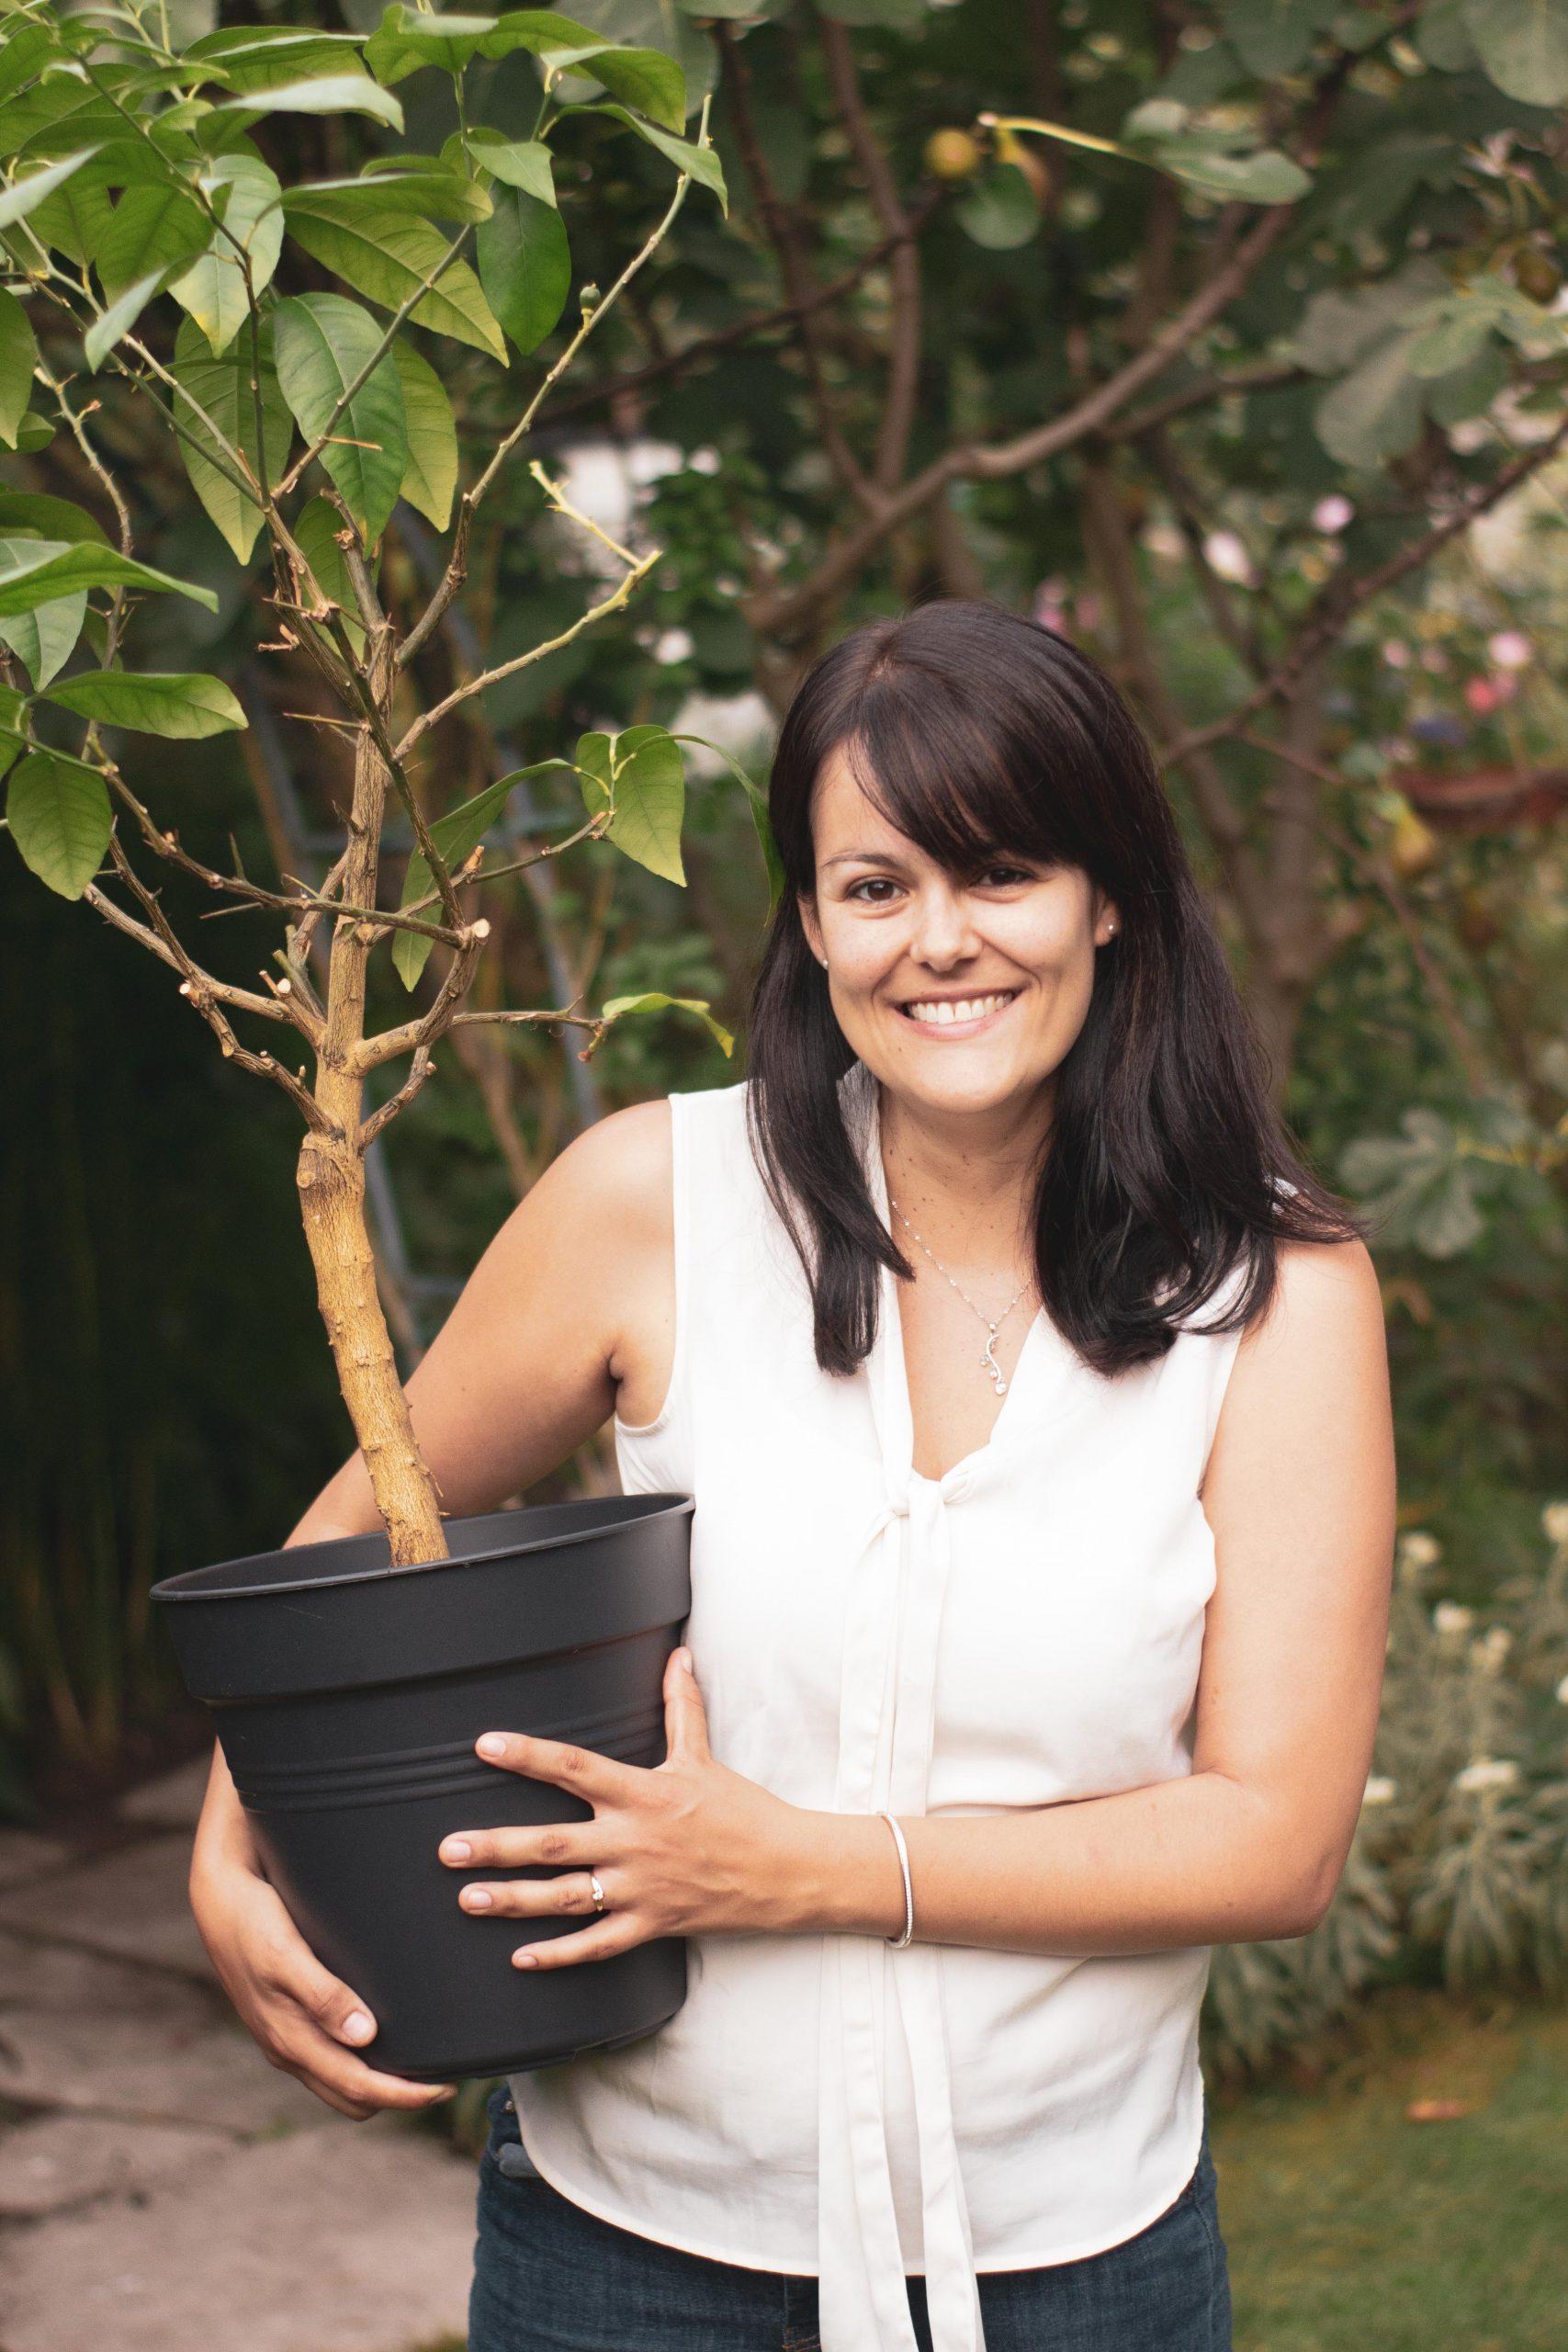 Elma Hogeboom - Duurzaam Designer en Owner at DuurzameDissertatie.nl